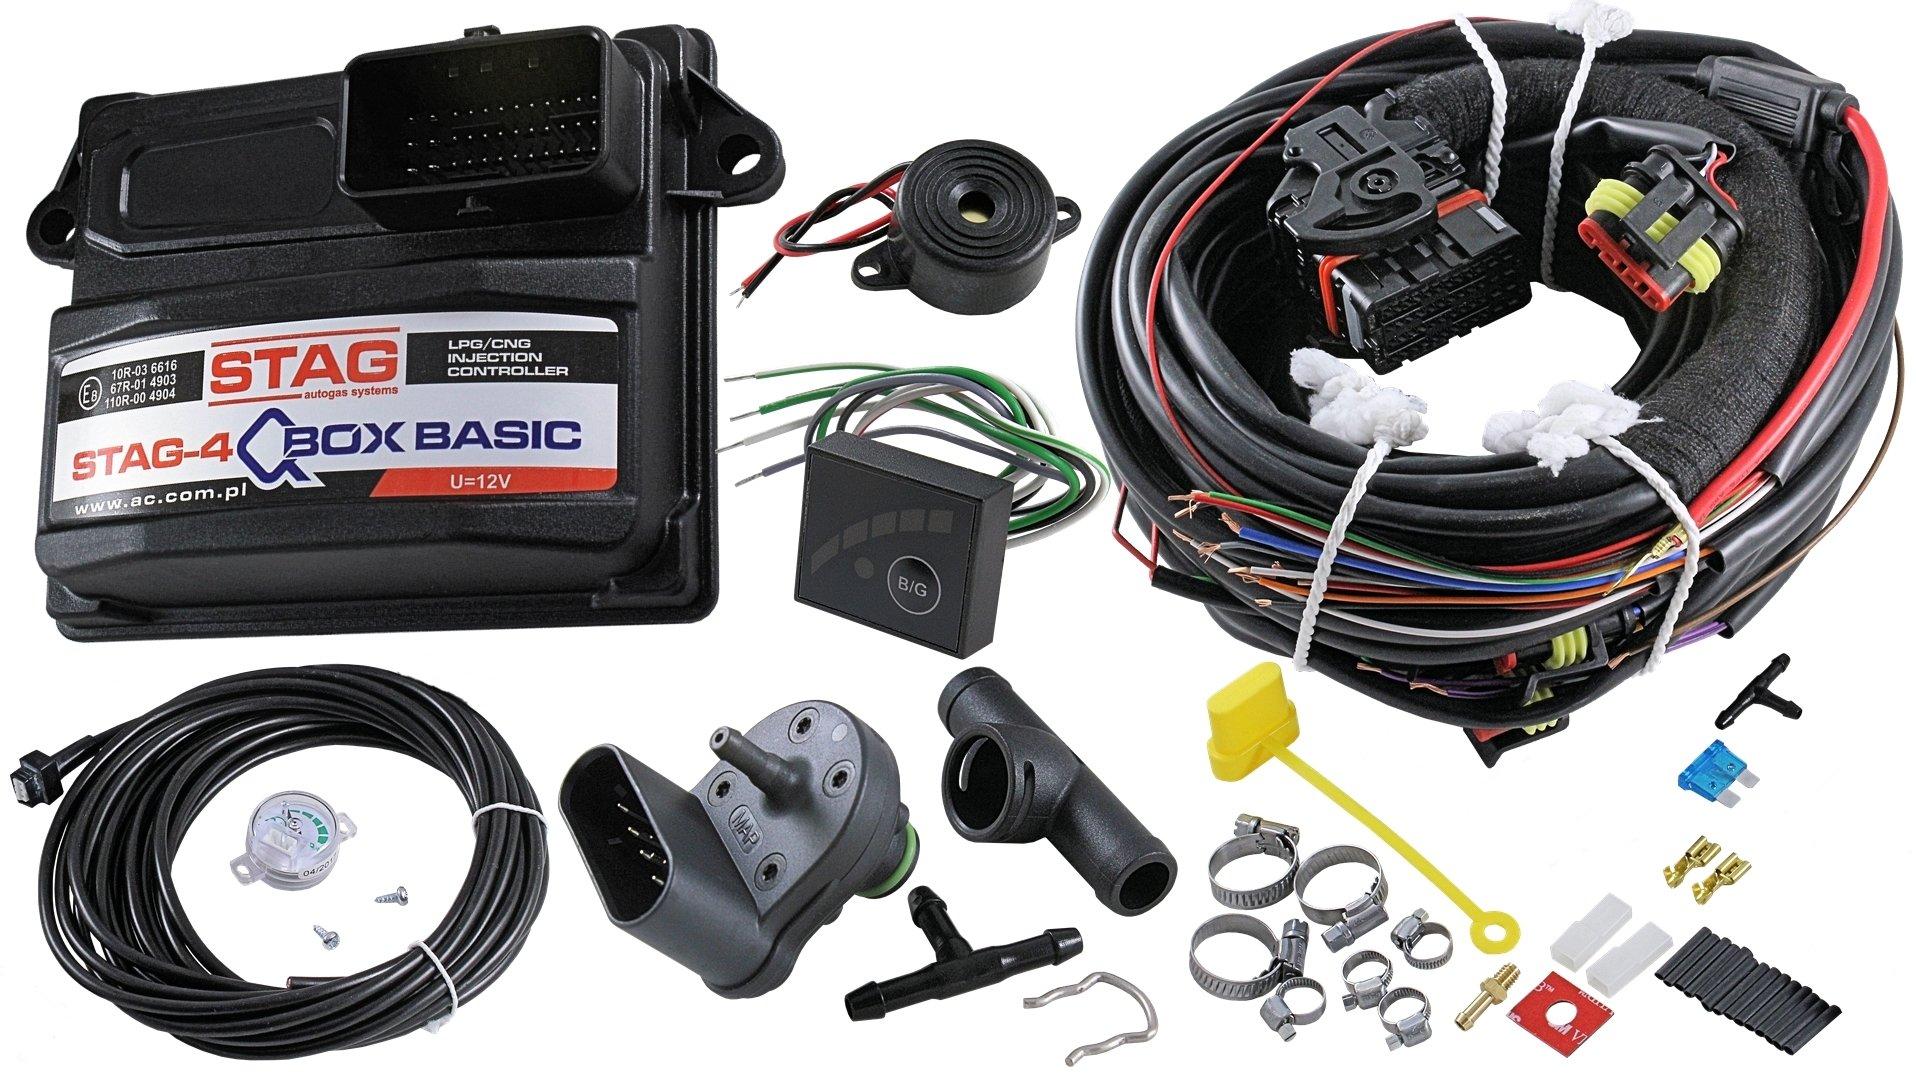 ac stag-4 q-box basic электроника 4 цил варшава